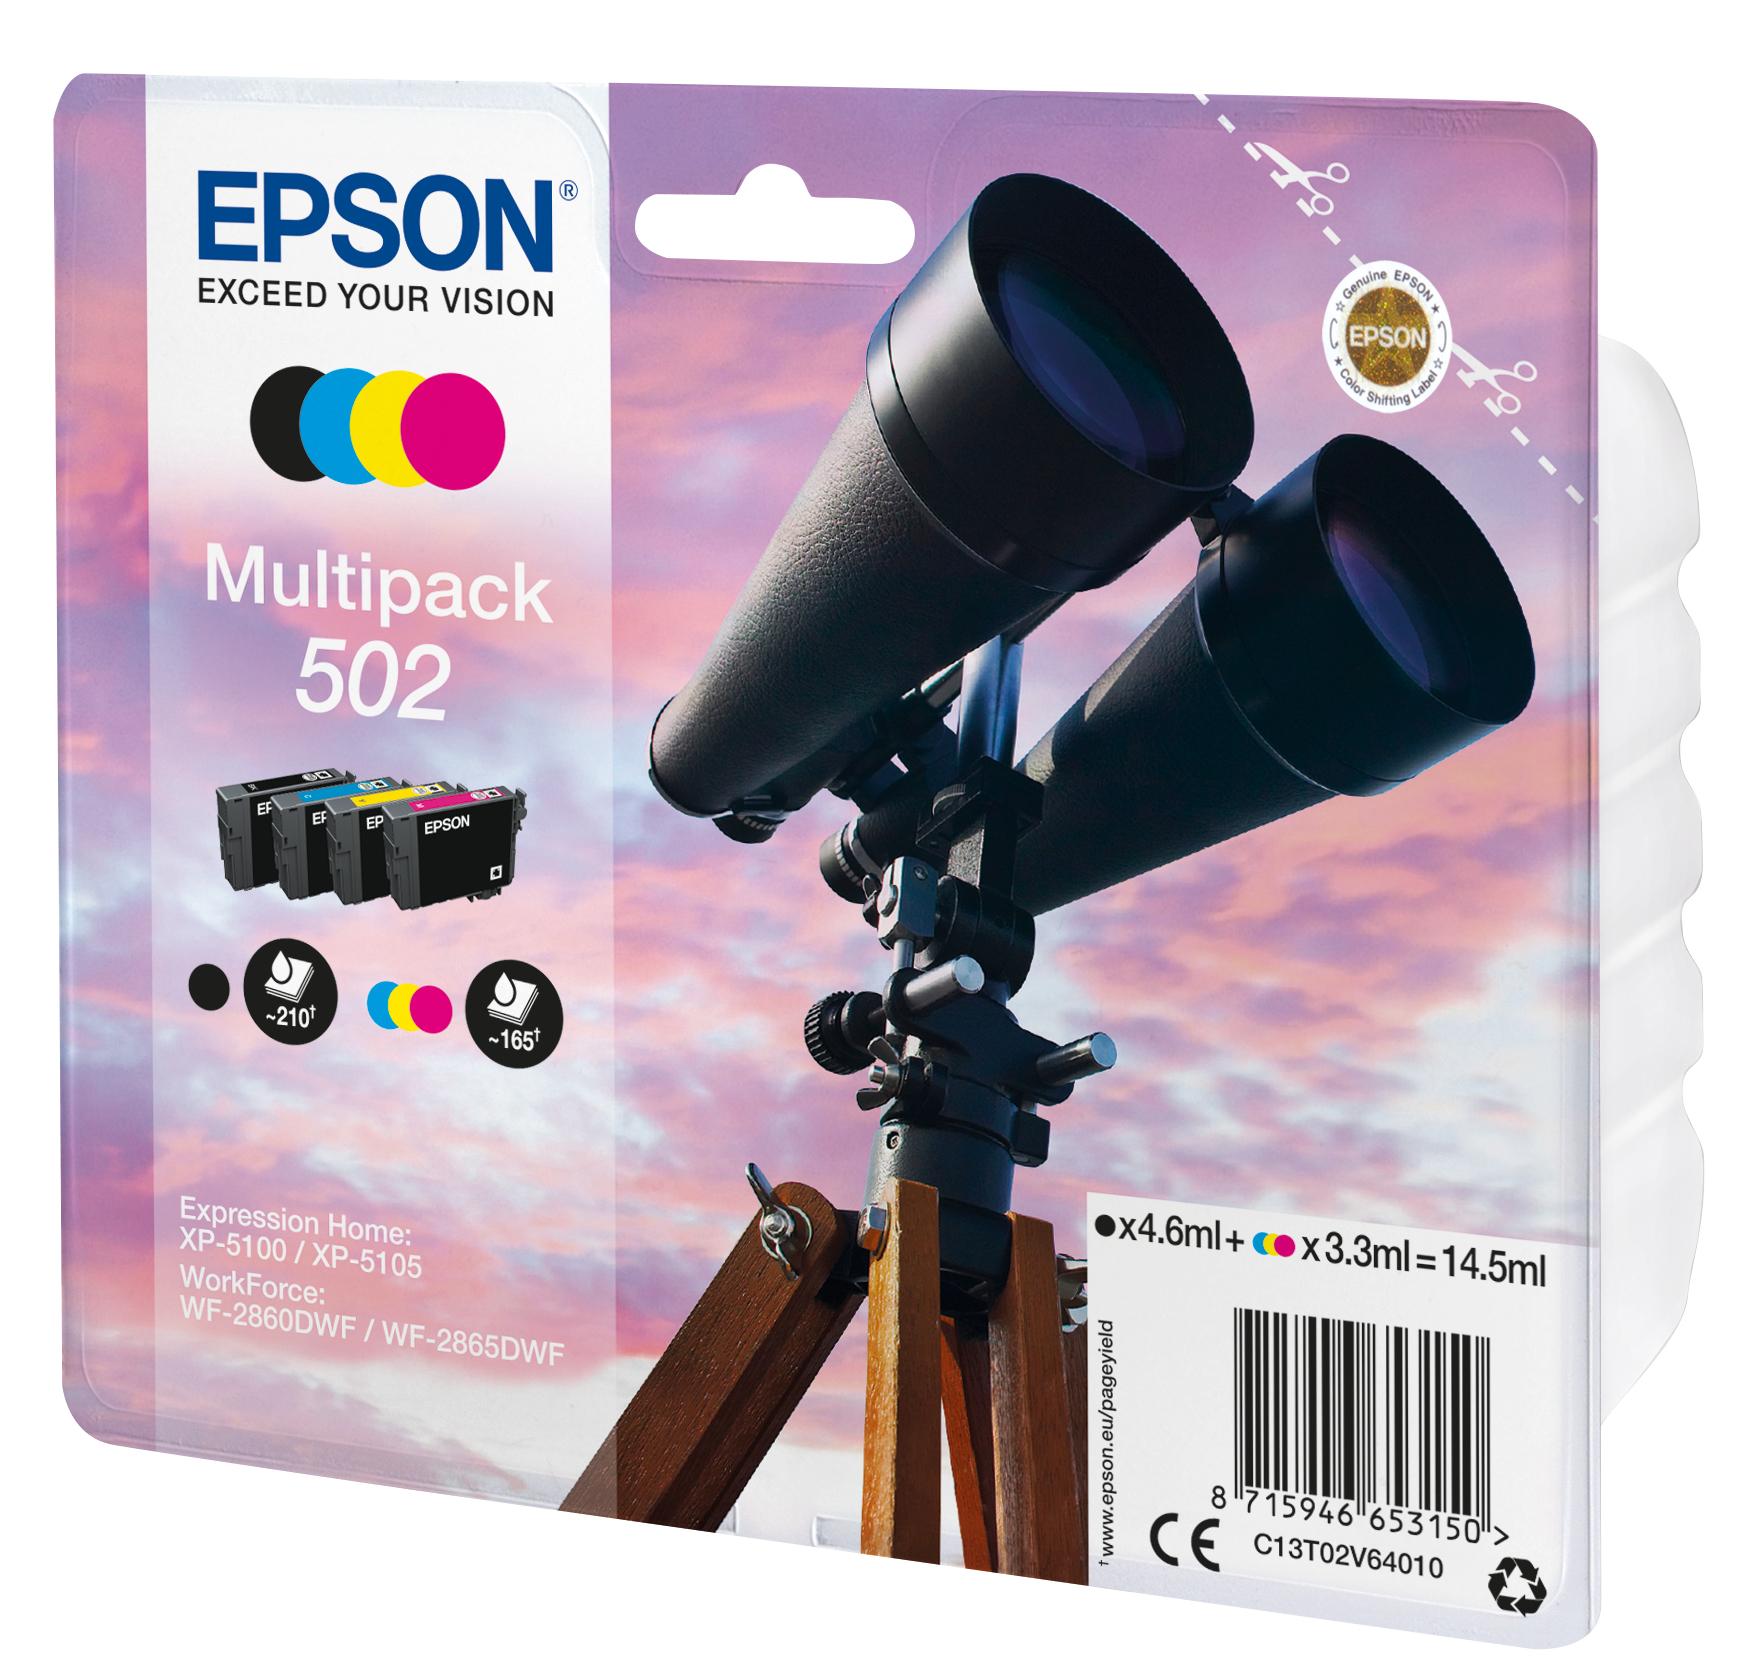 T02V6 inkjetcartridges 502 multipack